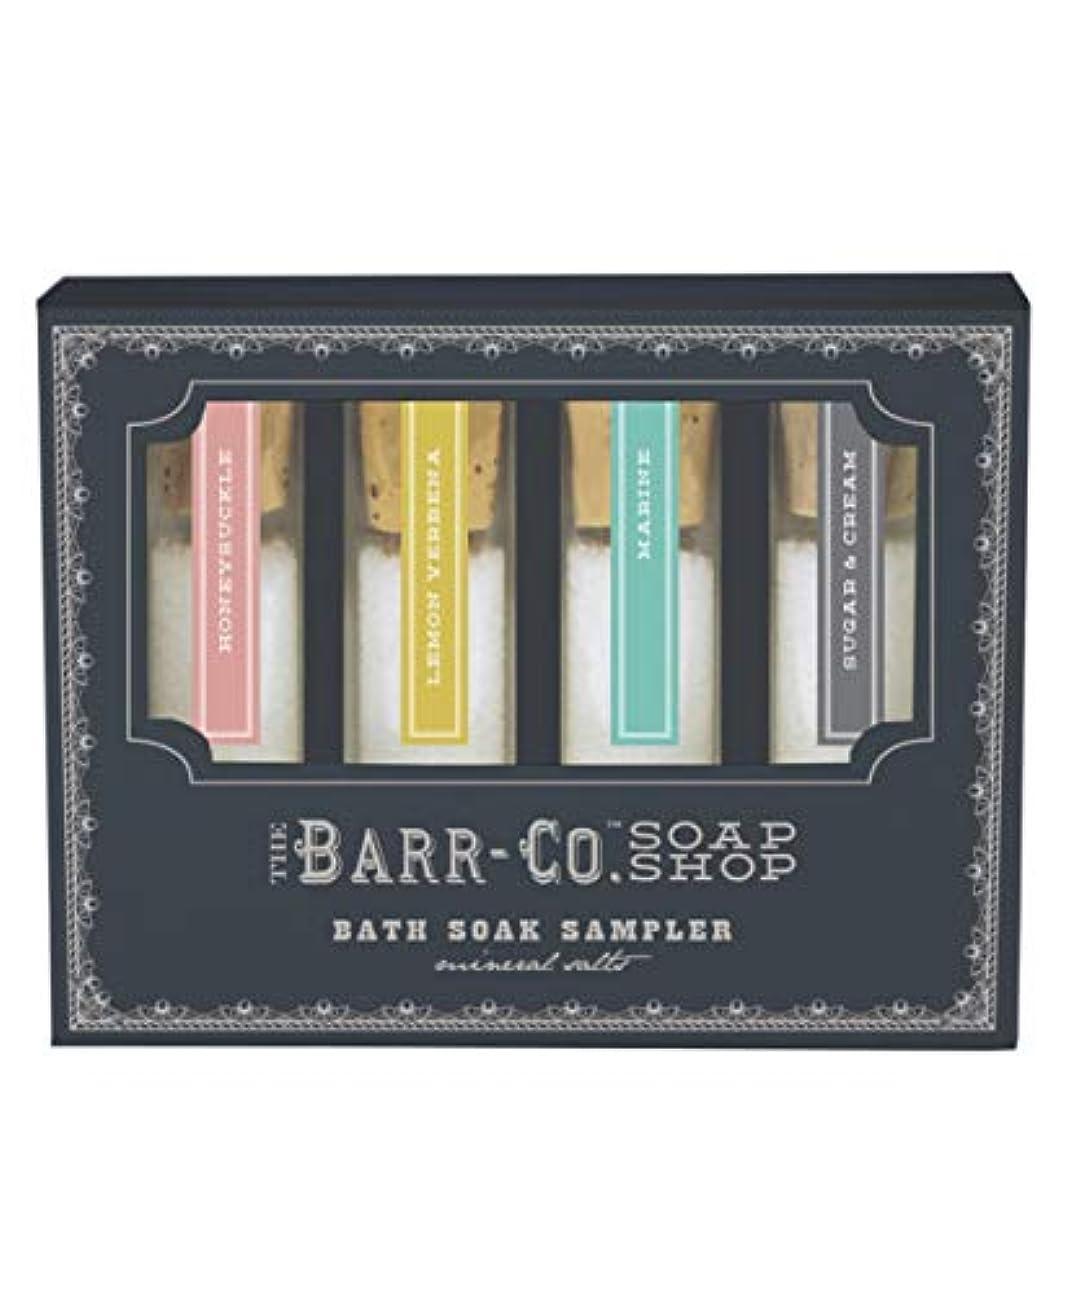 観光に行くボール所有権バーコ(BARR-CO.) BARR-CO./バスソルトセット 入浴剤 30g×4